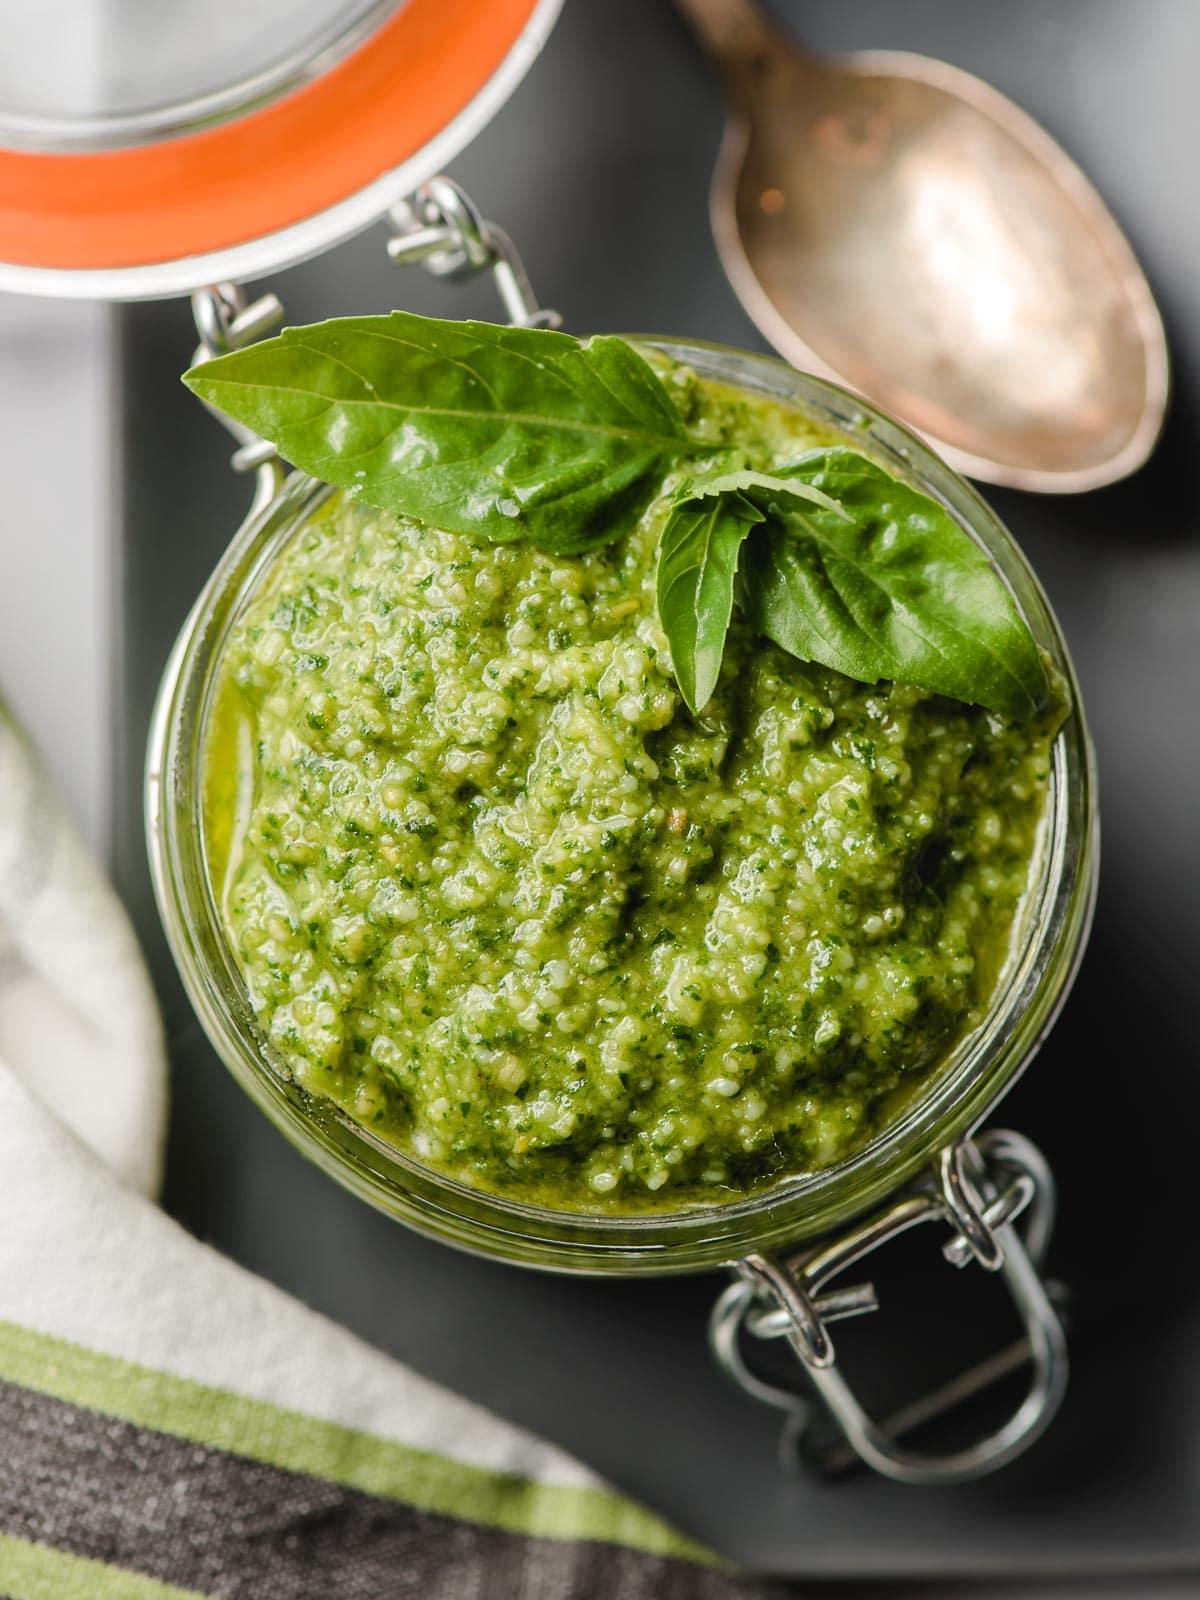 Pesto in a glass jar garnished with fresh basil leaf sprig.